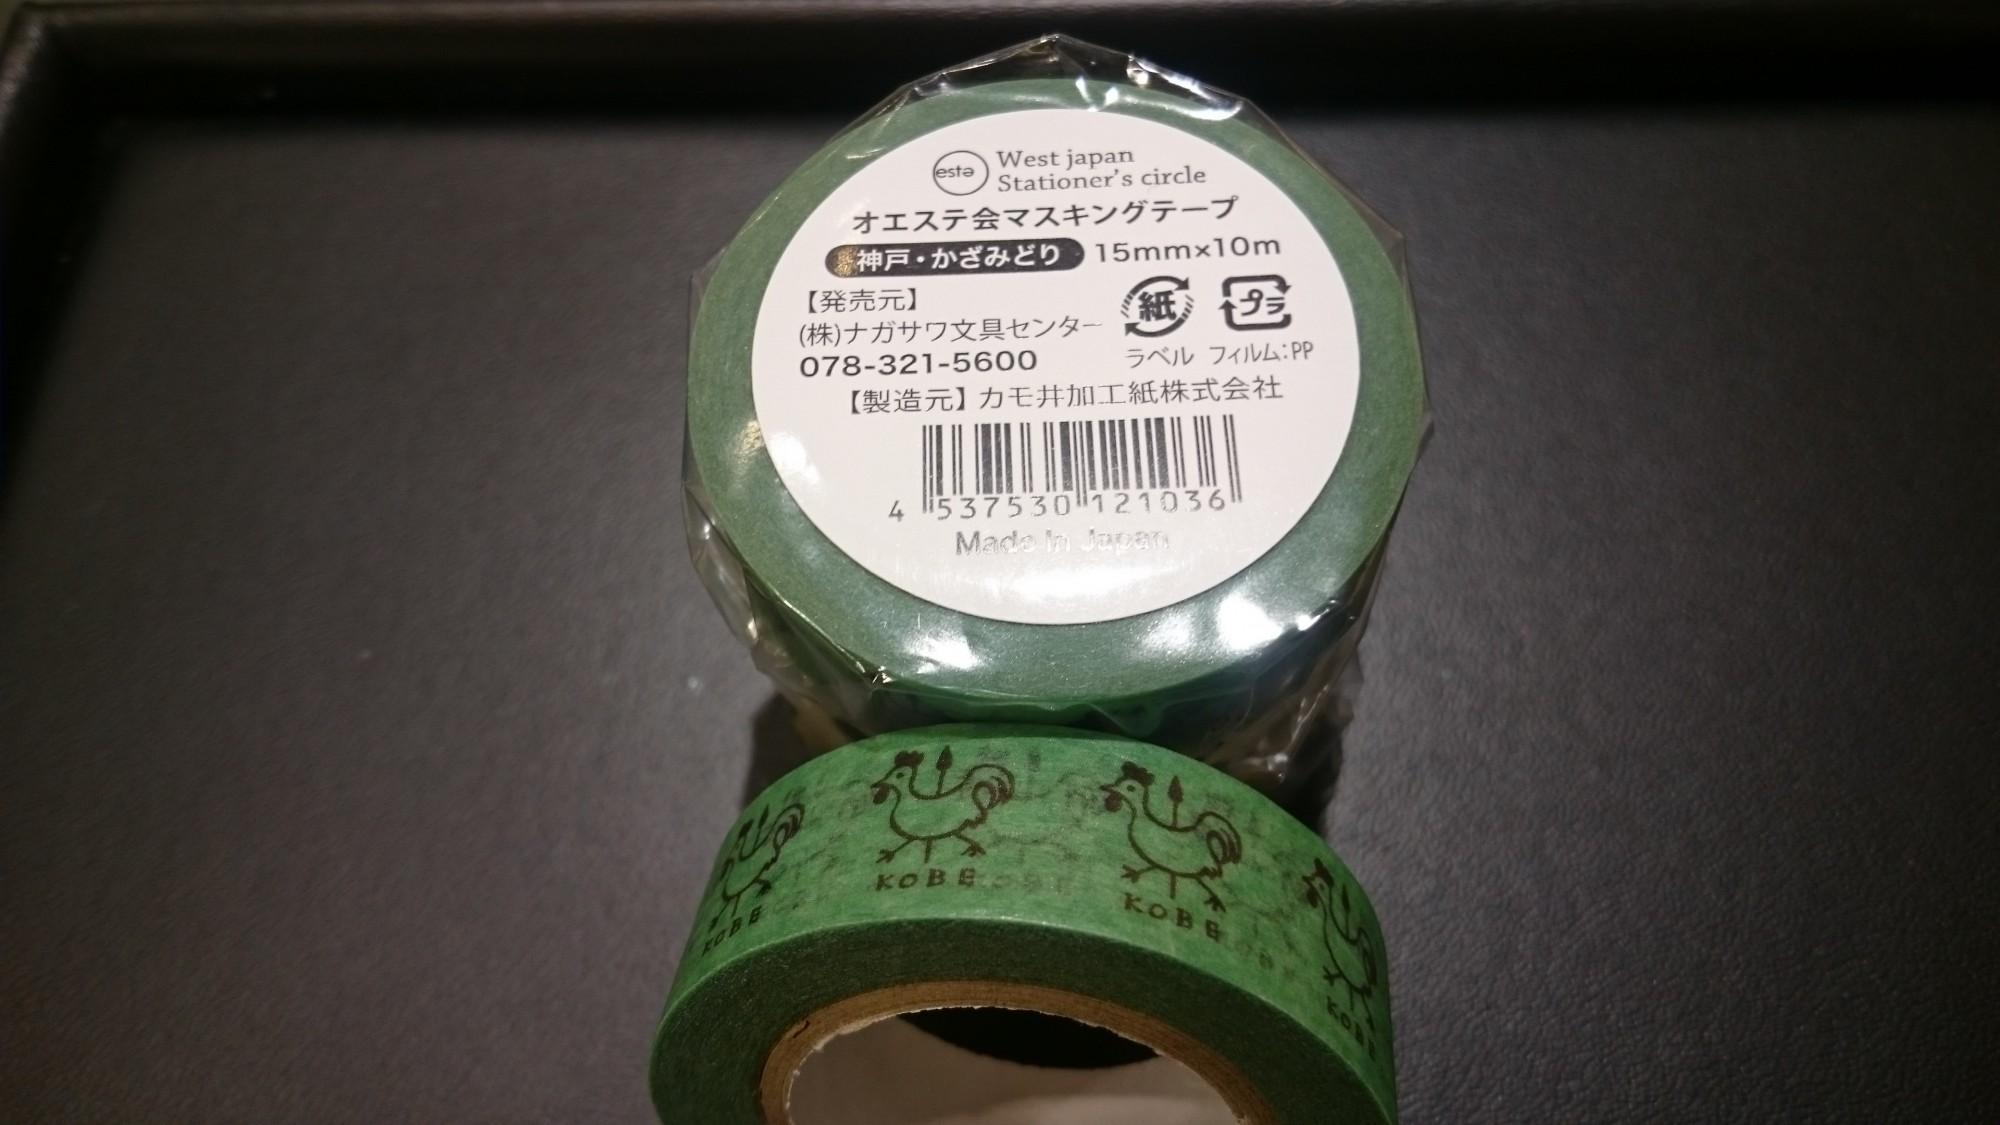 DSC_0410 (1).JPG神戸